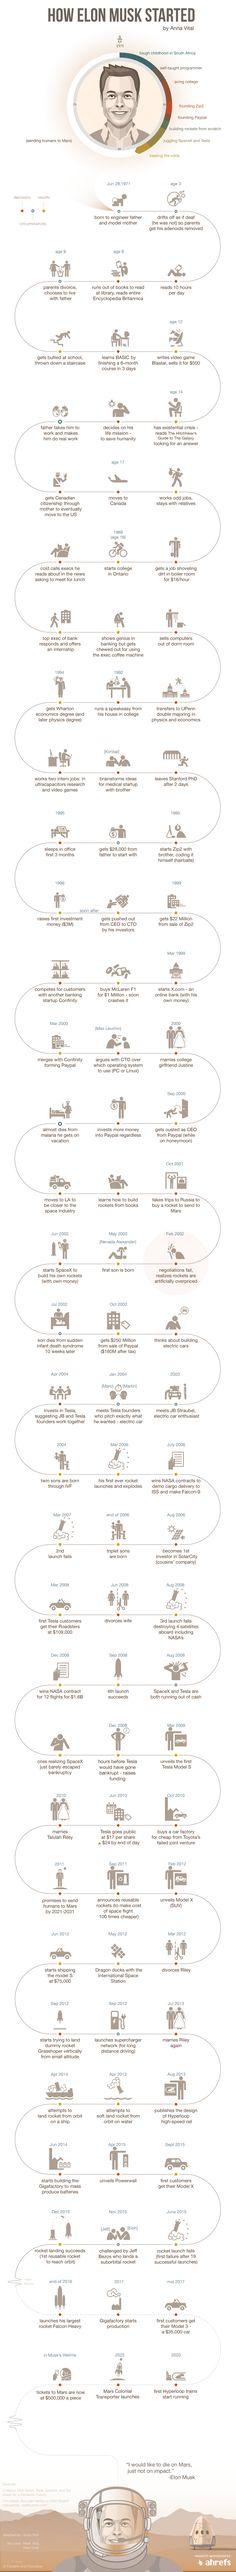 infografía-vida-elon-musk